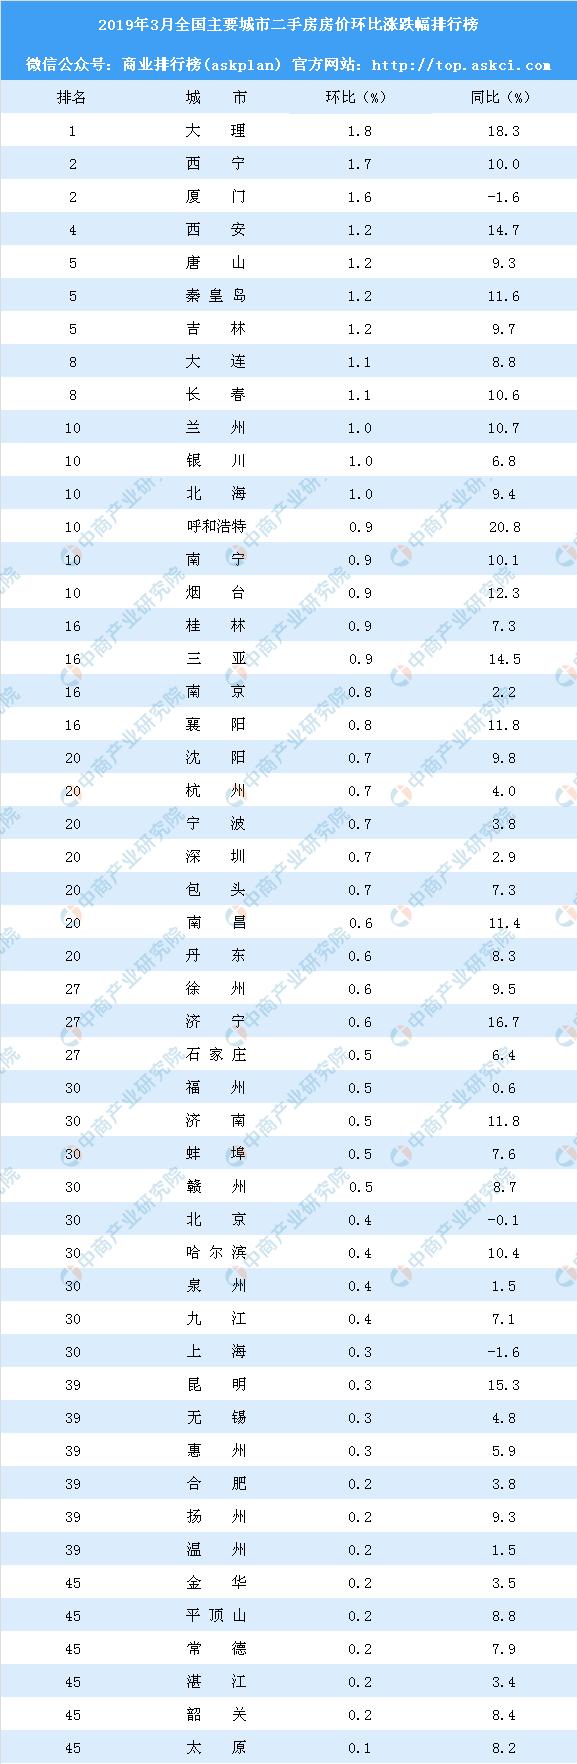 3月二手房房价涨跌排行榜:10城房价下跌